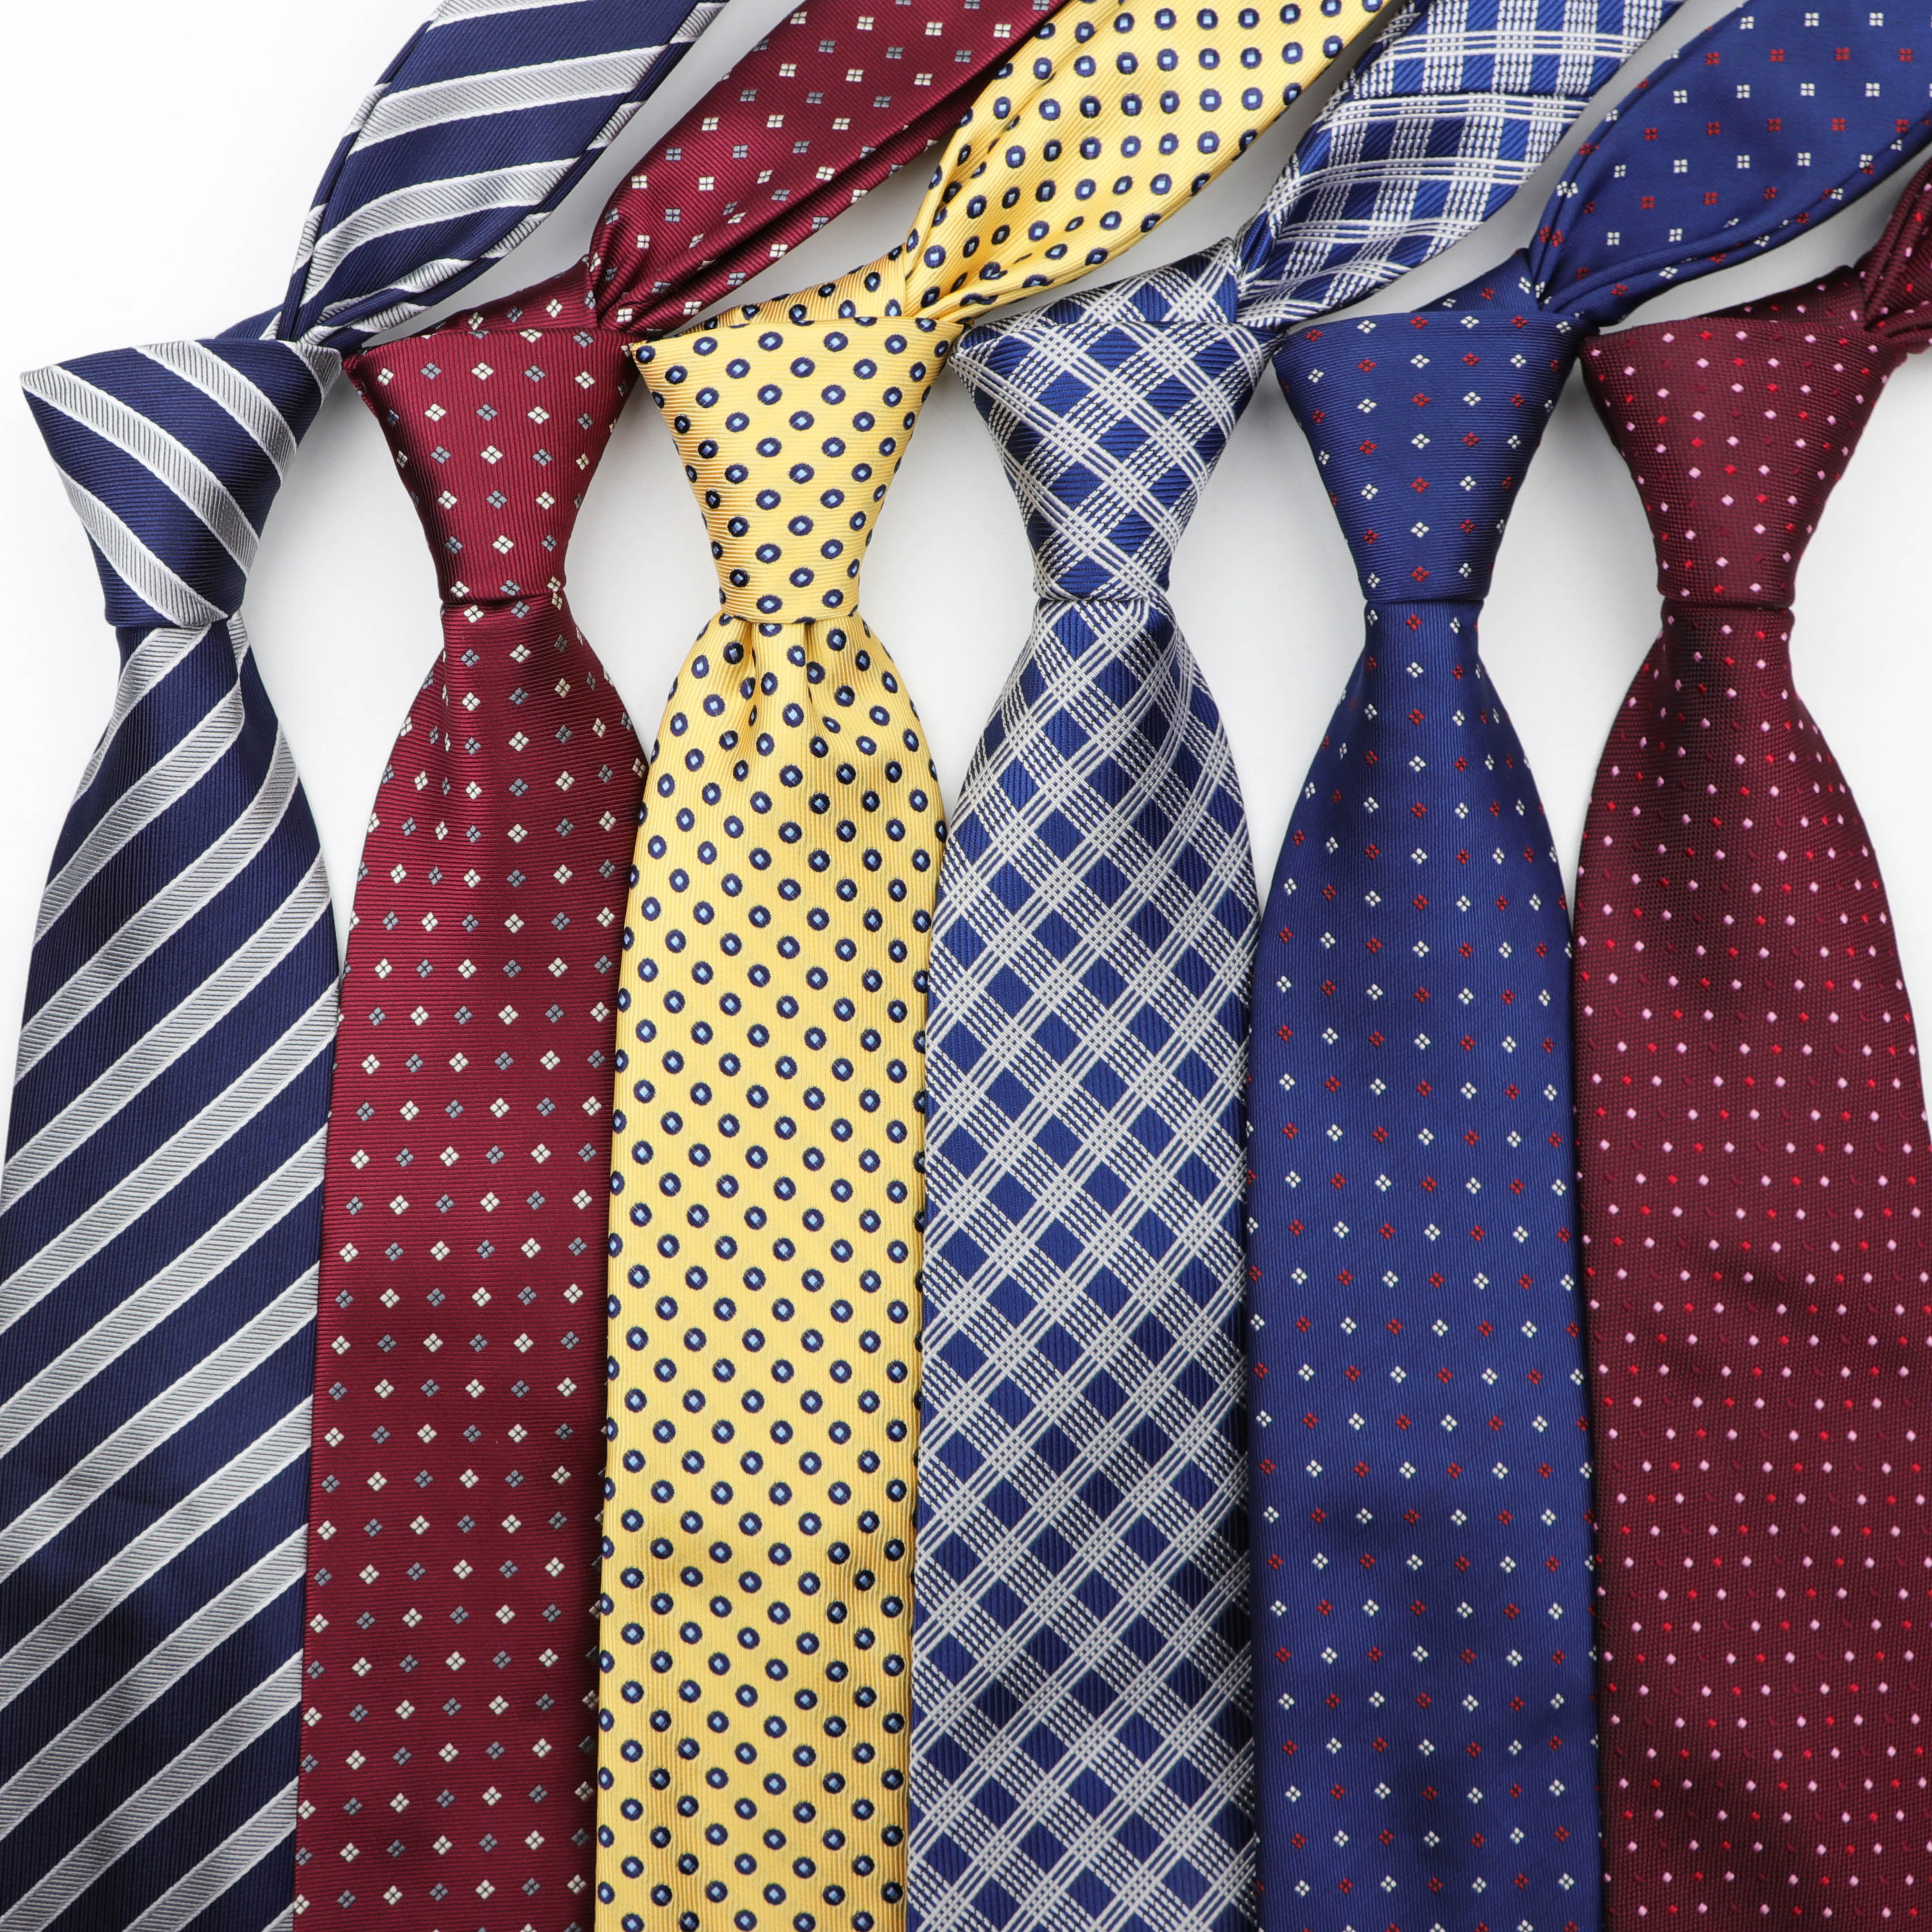 [해외]클래식 스트라이프 스키니 넥타이 8 cm 남성 정장 자카드 비즈니스 웨딩 넥타이/클래식 스트라이프 스키니 넥타이 8 cm 남성 정장 자카드 비즈니스 웨딩 넥타이